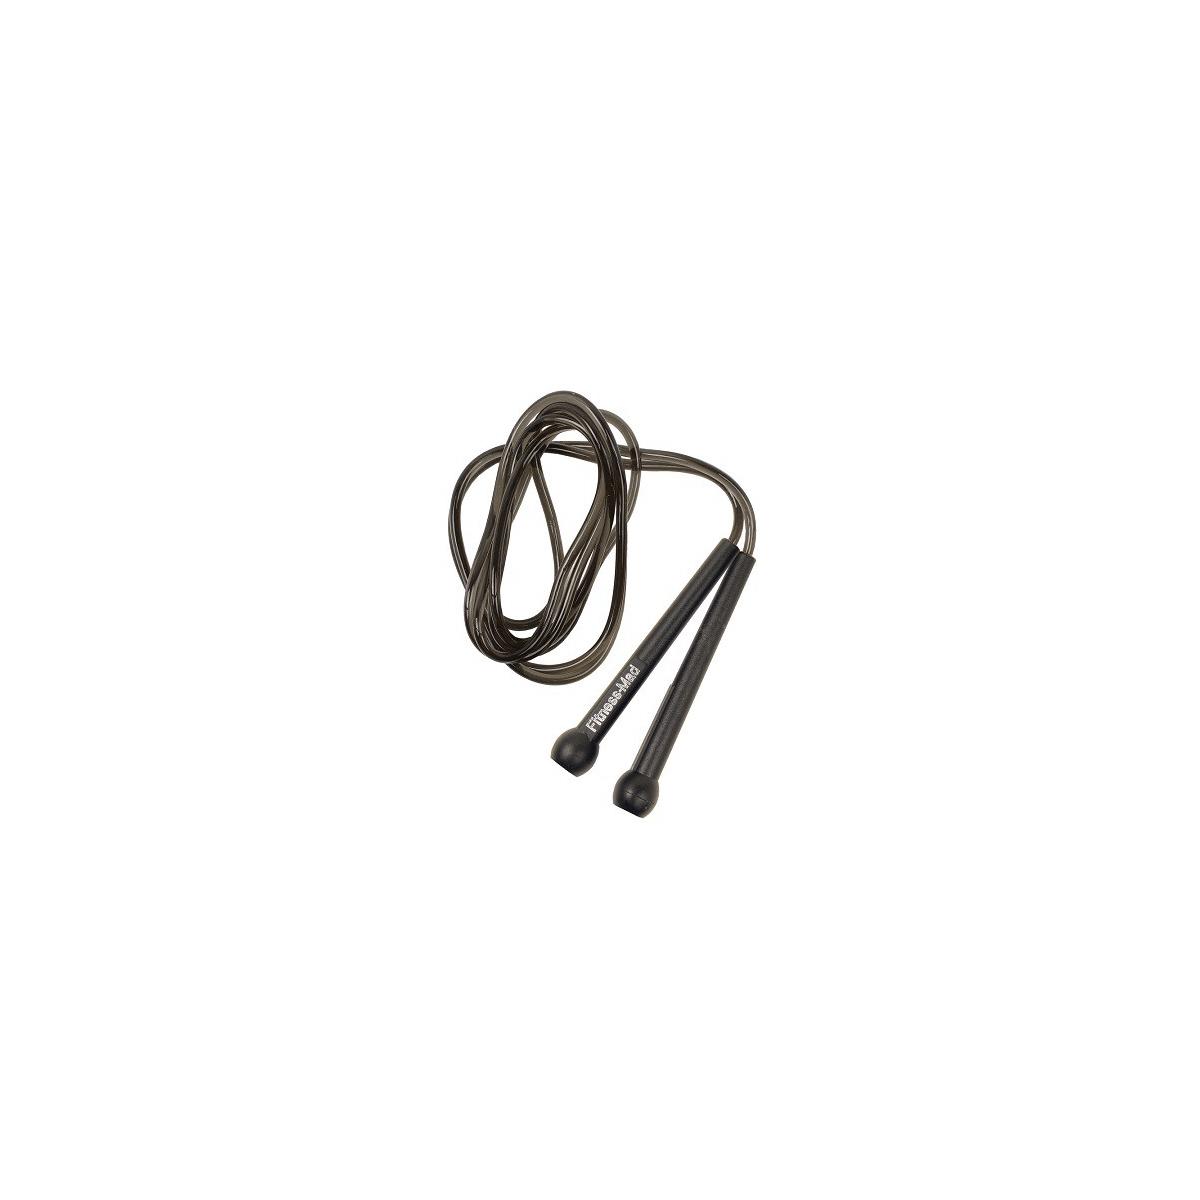 Corde à sauter vinyle 305 cm